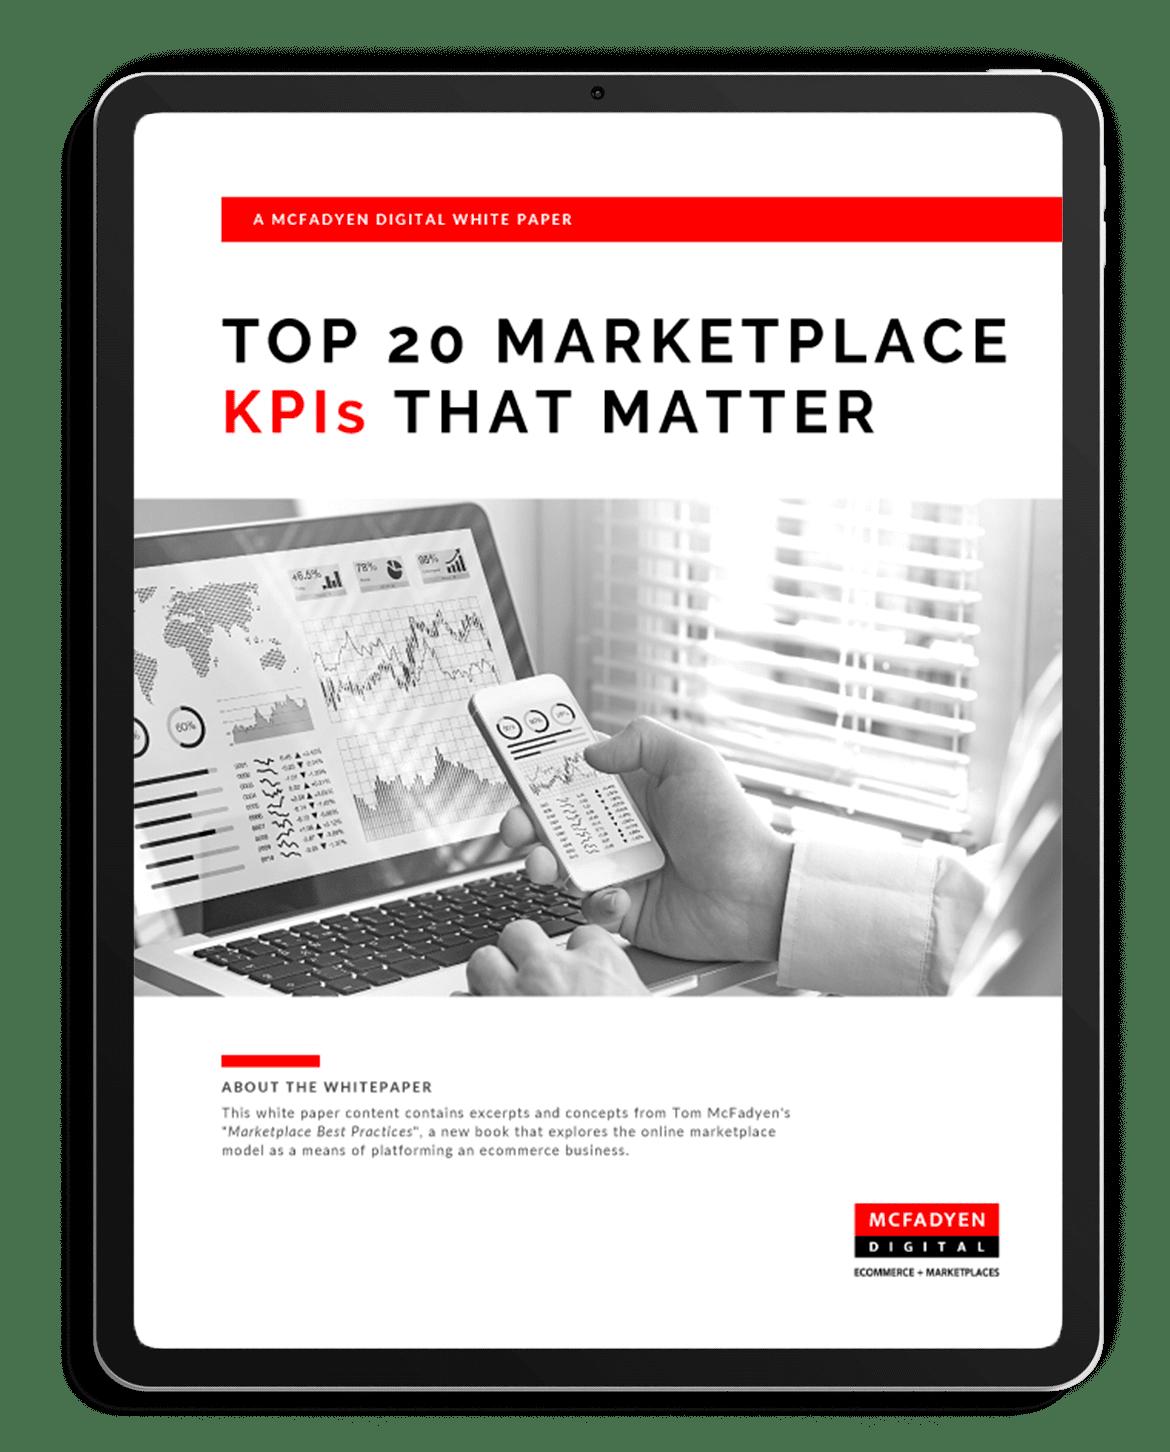 Top 20 Marketplace KPIs That Matter